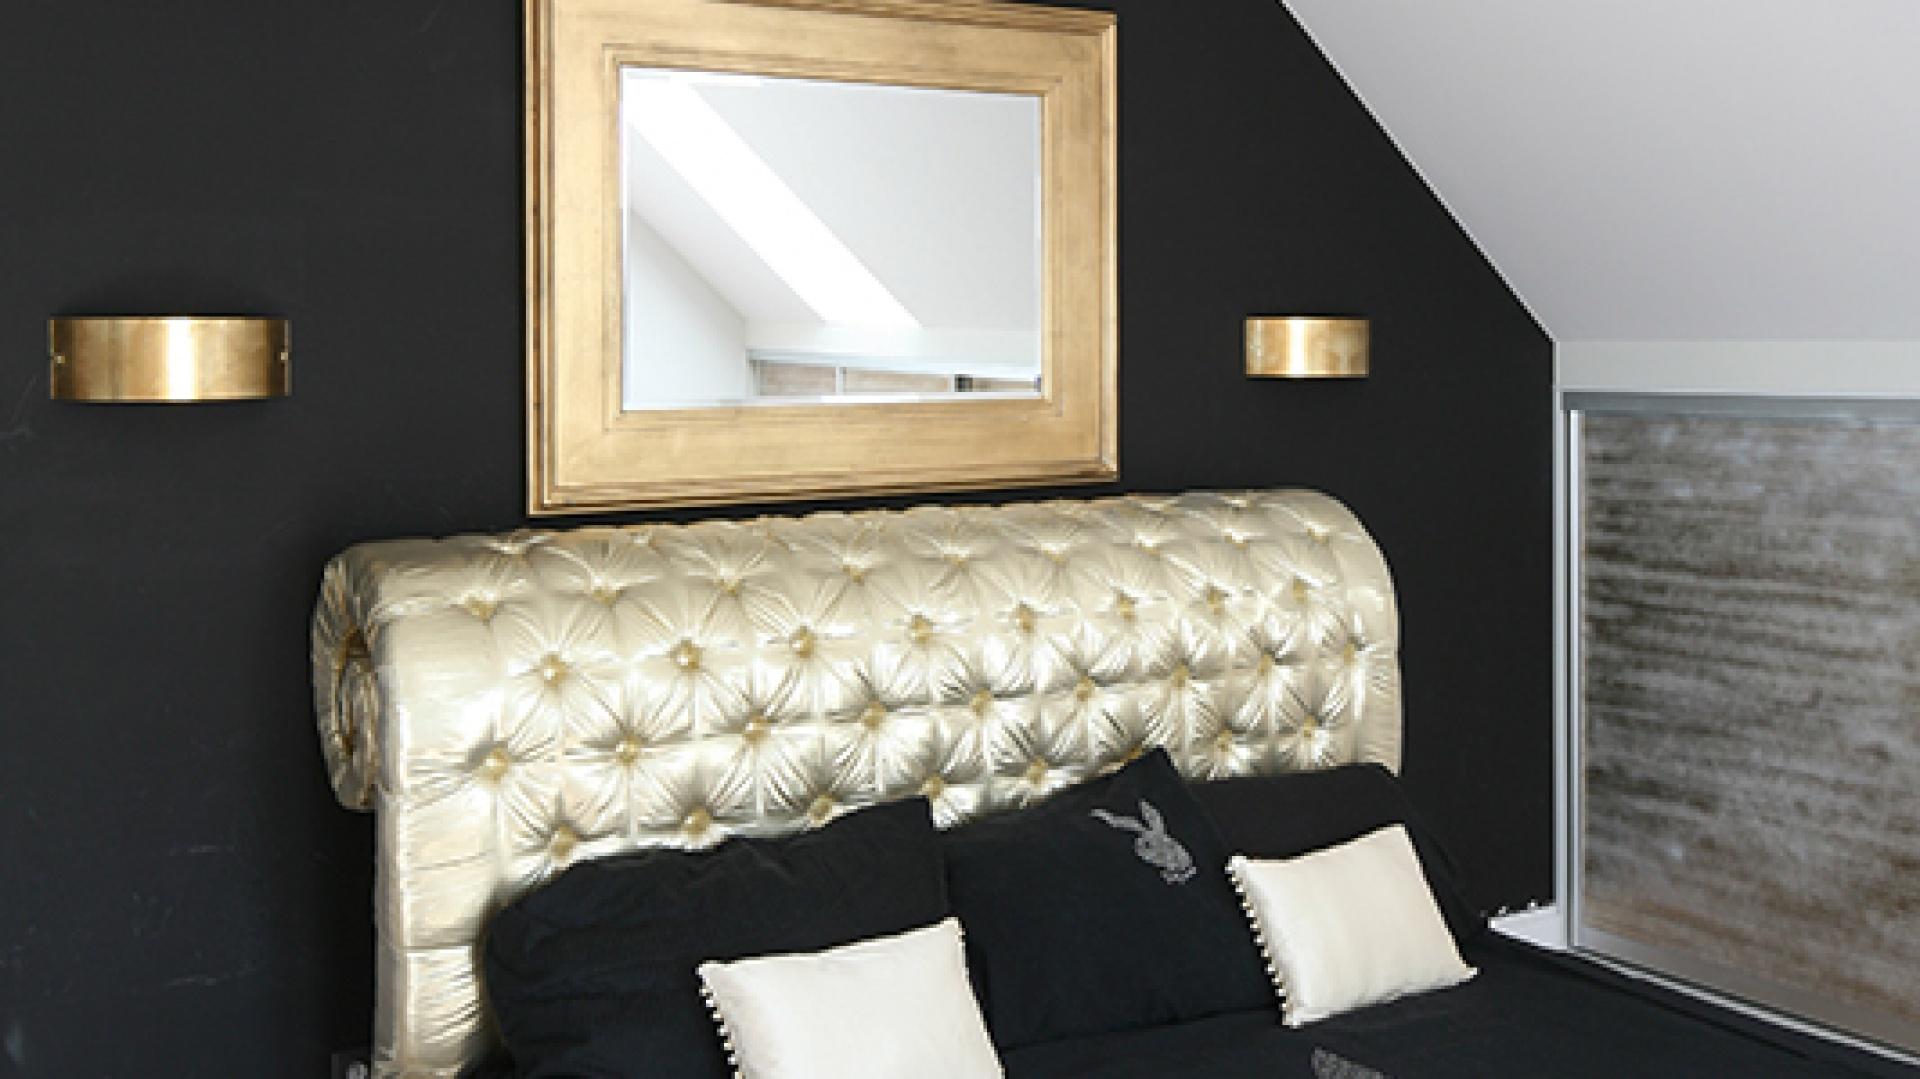 Na czarnej ścianie wyśmienicie prezentuje się lustro w masywnej, złotej ramie oraz kinkiety. Wyeksponowane jest także pikowane wezgłowie łóżka, które właścicielka sama zaprojektowała. Projekt: Magdalena Konochowicz. Fot. Bartosz Jarosz